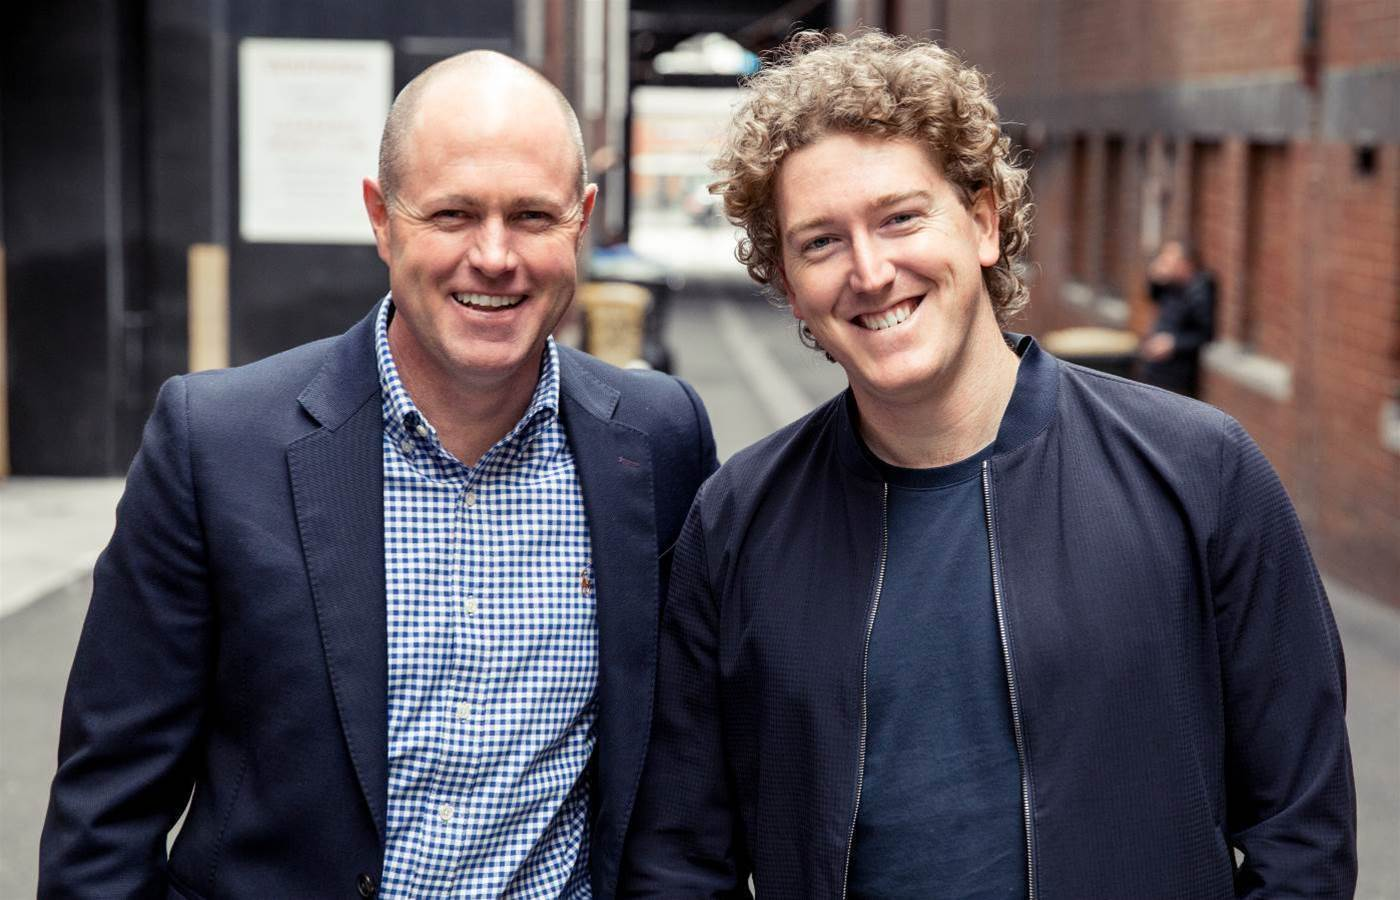 Technology consultant Trimantium GrowthOps poaches Accenture's Salesforce Einstein team